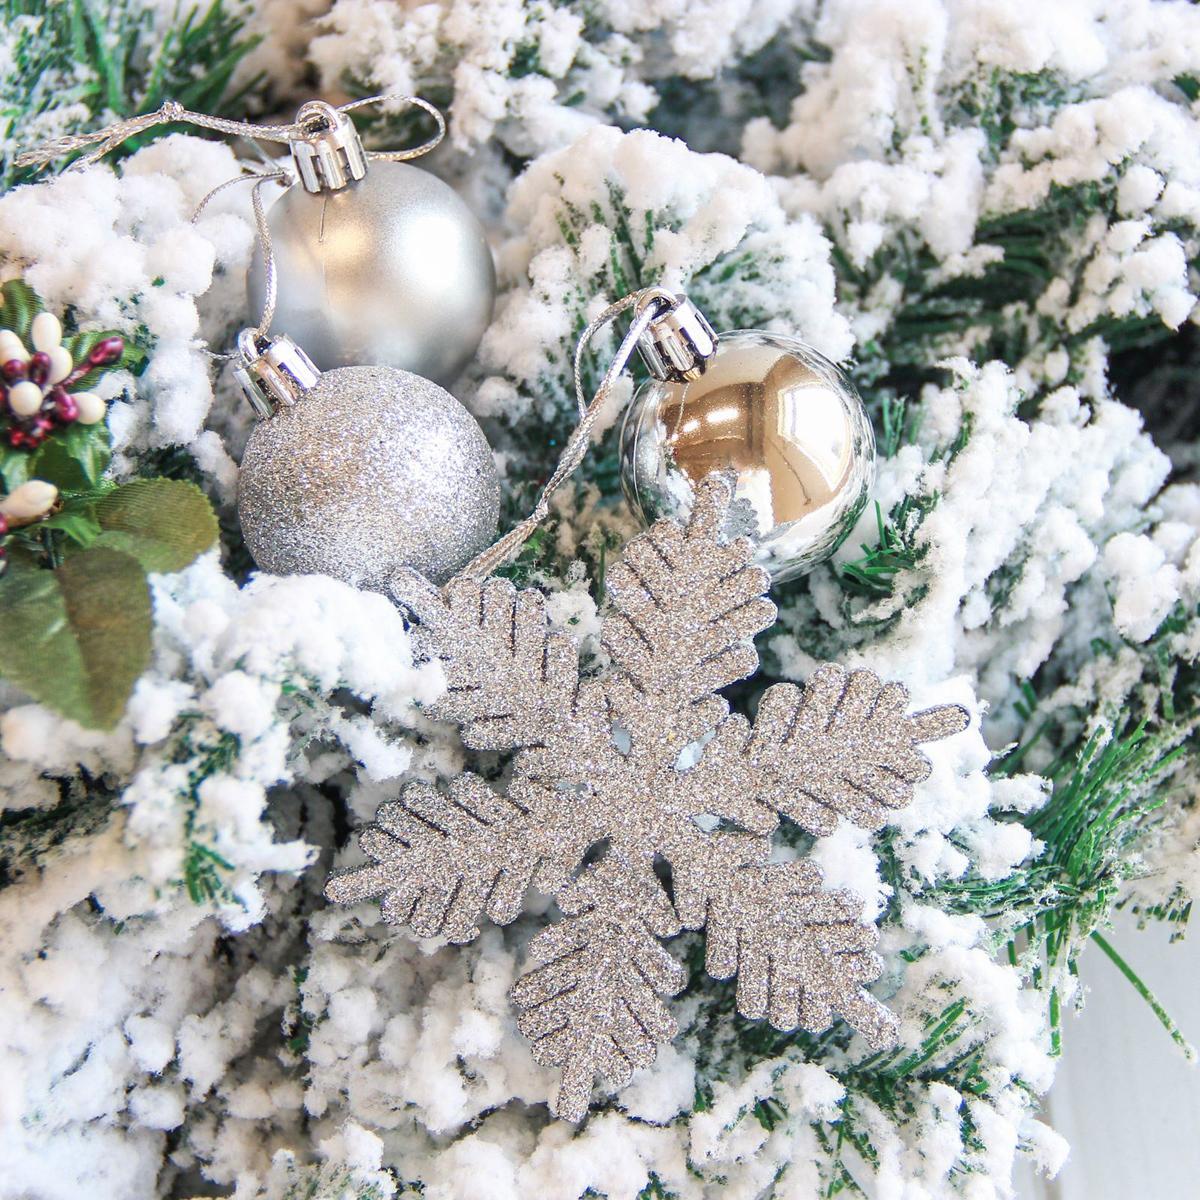 Набор новогодних подвесных украшений Sima-land Снежинка, цвет: серый металлик, 24 шт2122896Набор новогодних подвесных украшений Sima-land отлично подойдет для декорации вашего дома и новогодней ели. С помощью специальной петельки украшение можно повесить в любом понравившемся вам месте. Но, конечно, удачнее всего оно будет смотреться на праздничной елке. Елочная игрушка - символ Нового года. Она несет в себе волшебство и красоту праздника. Создайте в своем доме атмосферу веселья и радости, украшая новогоднюю елку нарядными игрушками, которые будут из года в год накапливать теплоту воспоминаний.